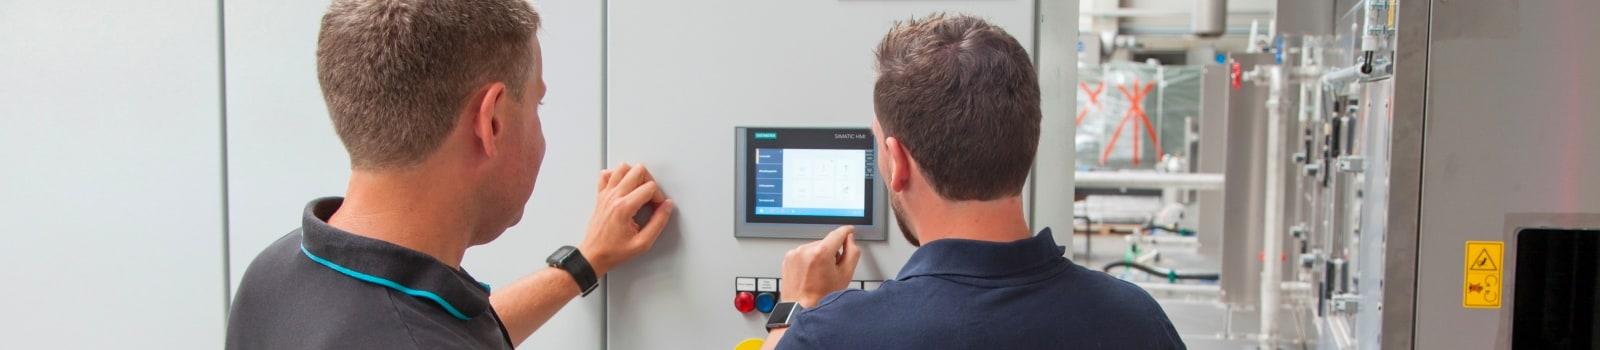 Ausführliche Schulung eines Kunden durch einen BvL Oberflächentechnik-Mitarbeiter